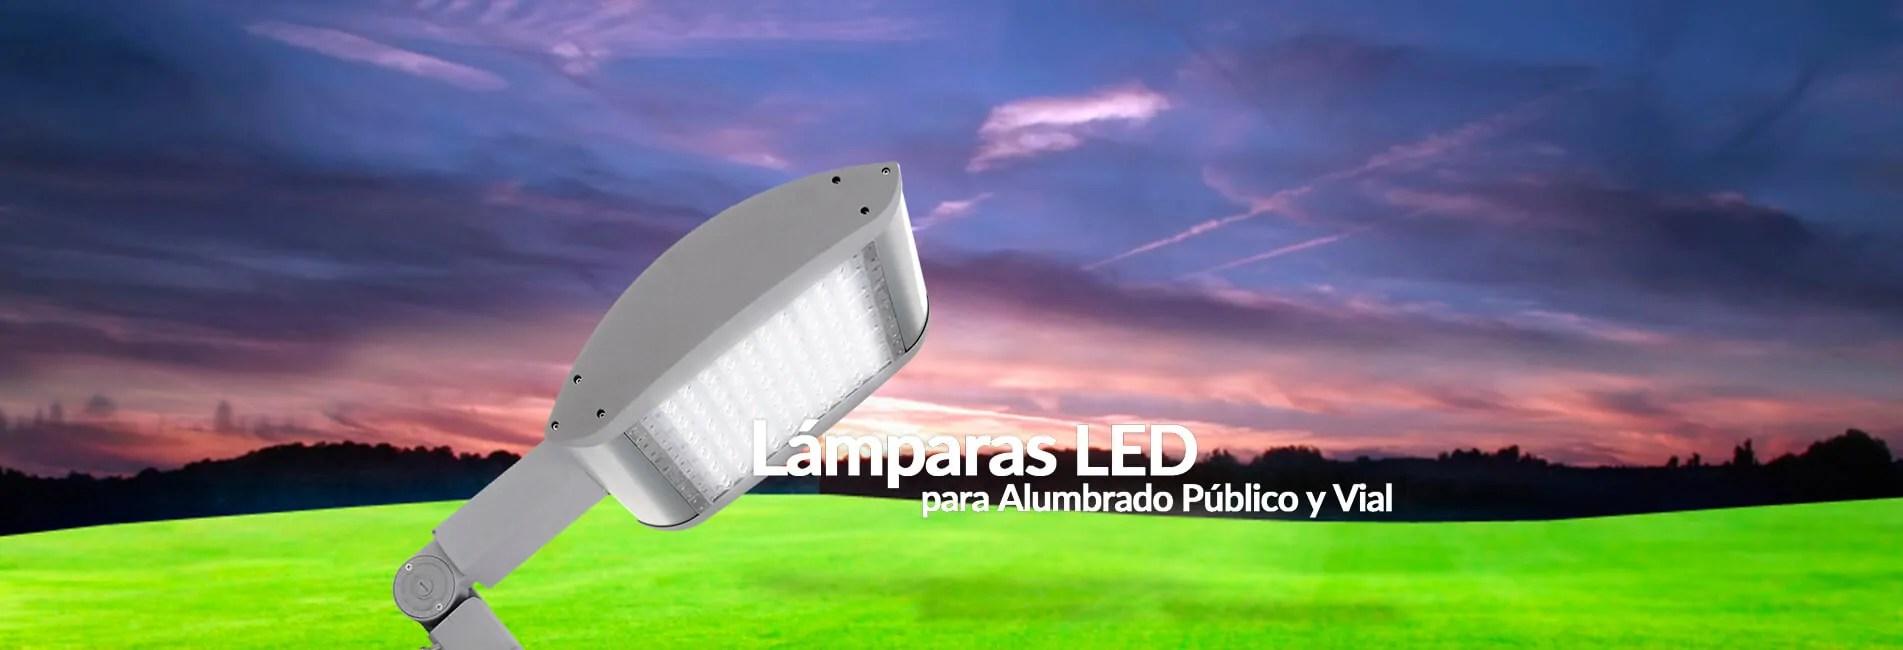 Lámparas LED Alumbrado Público y Vial